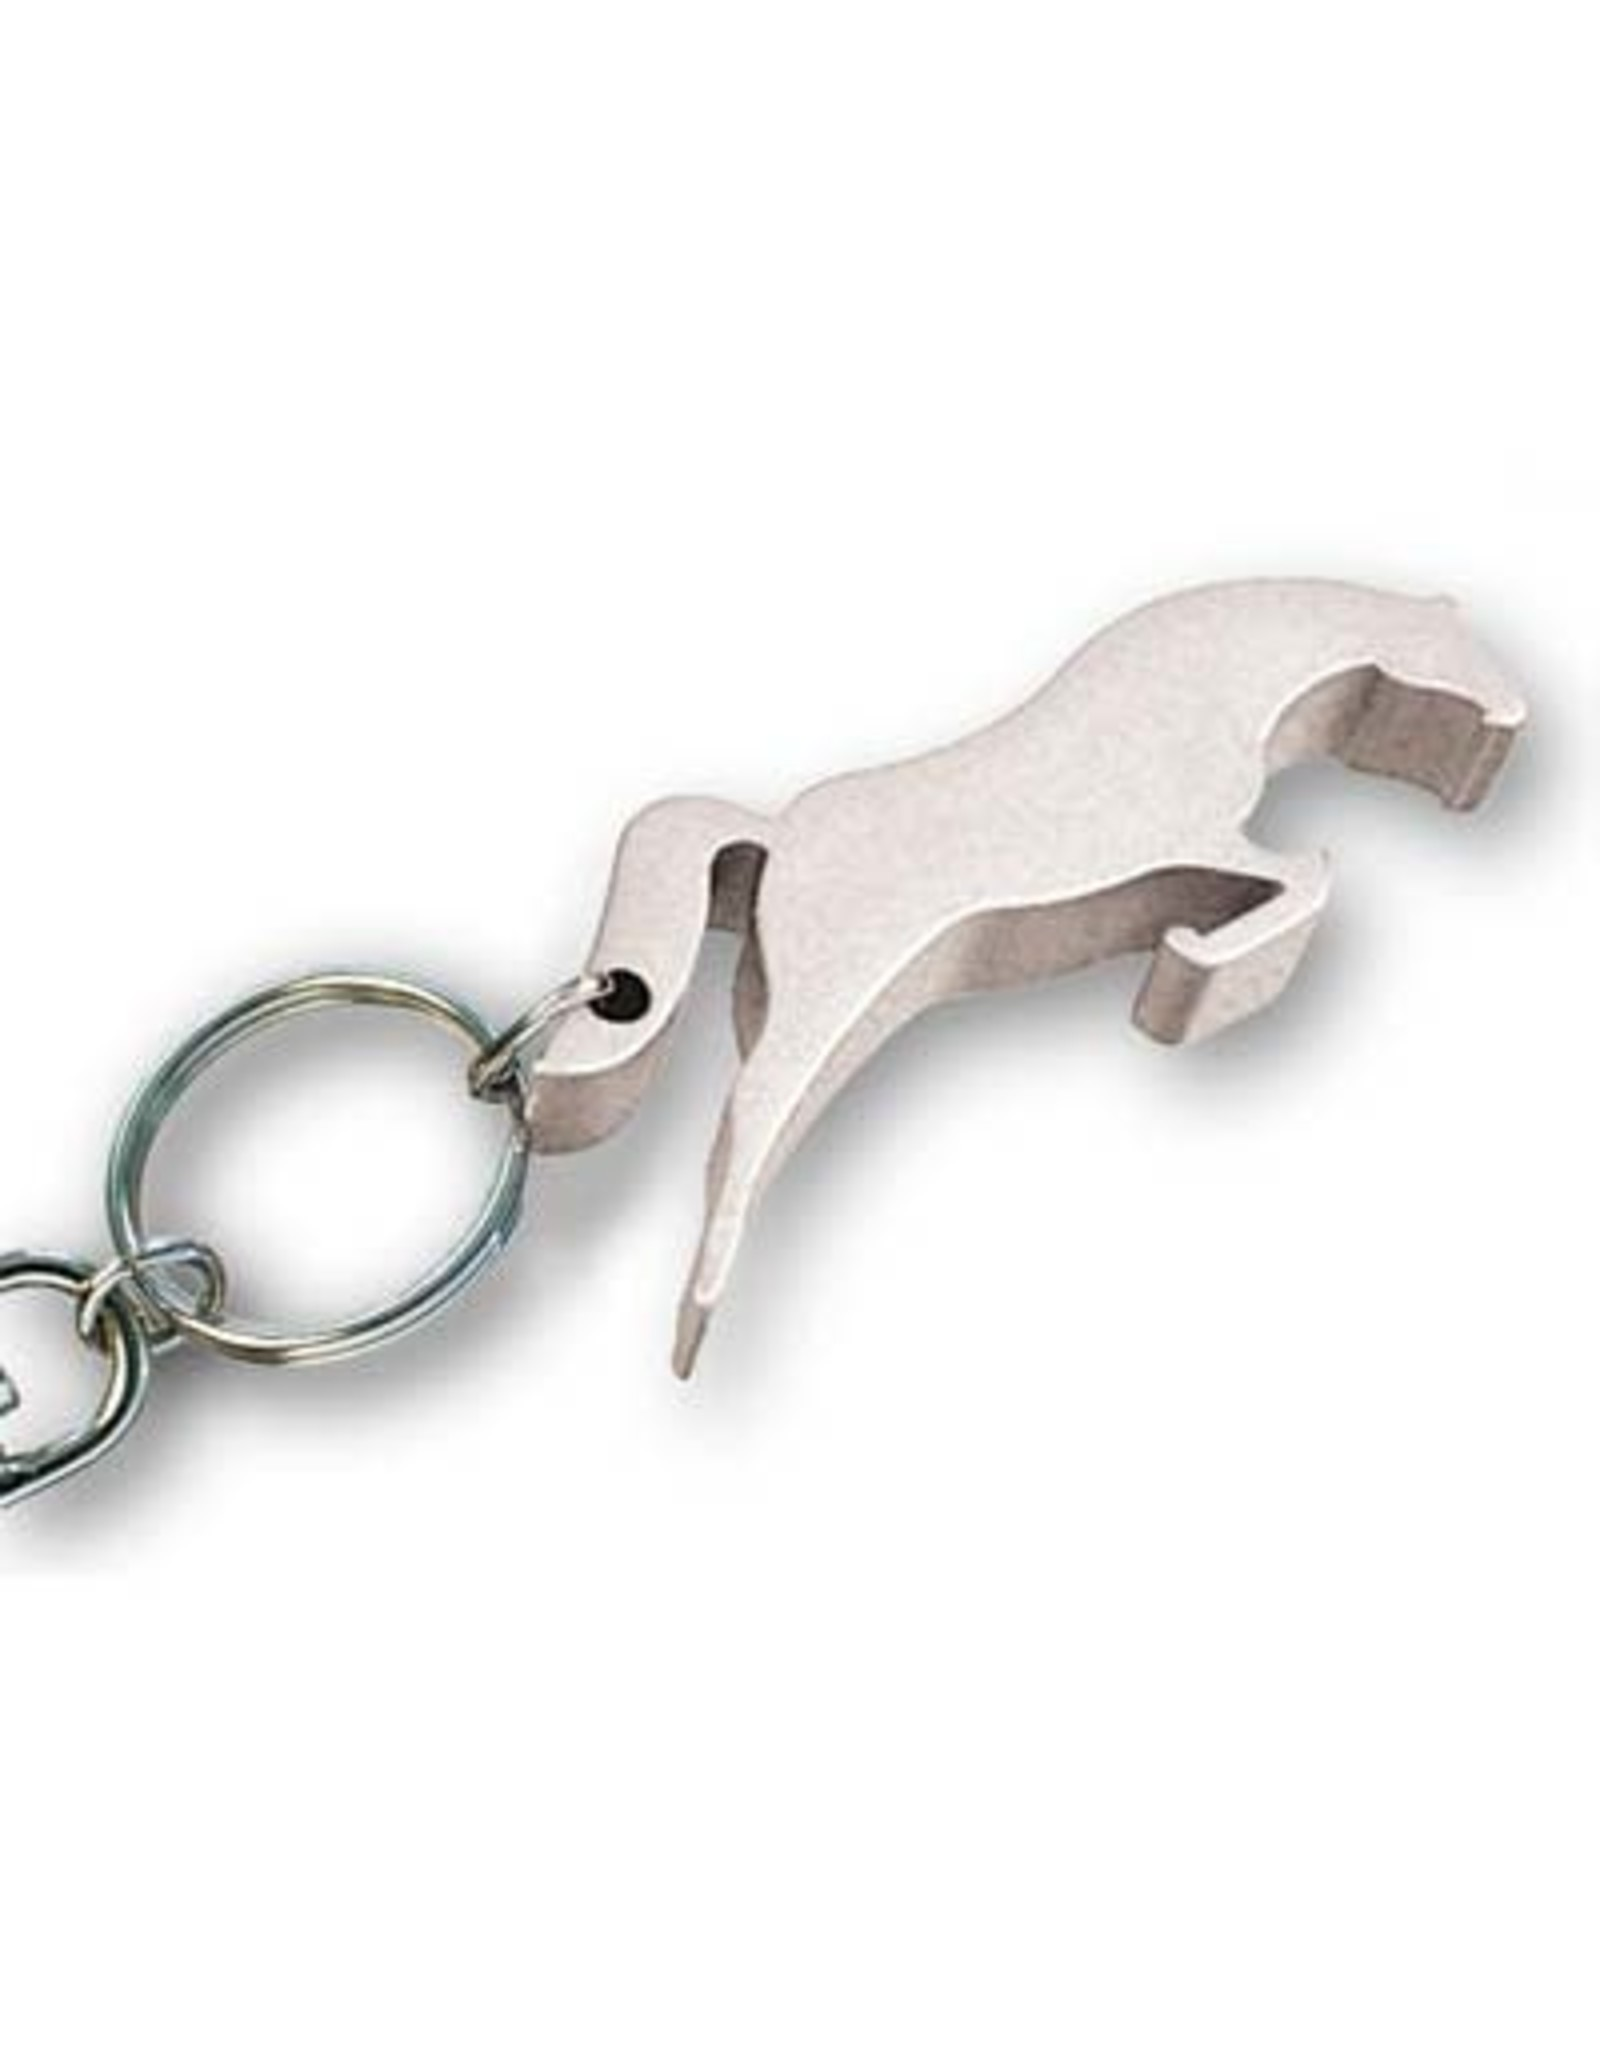 Bottle Opener Key Chain Jumper